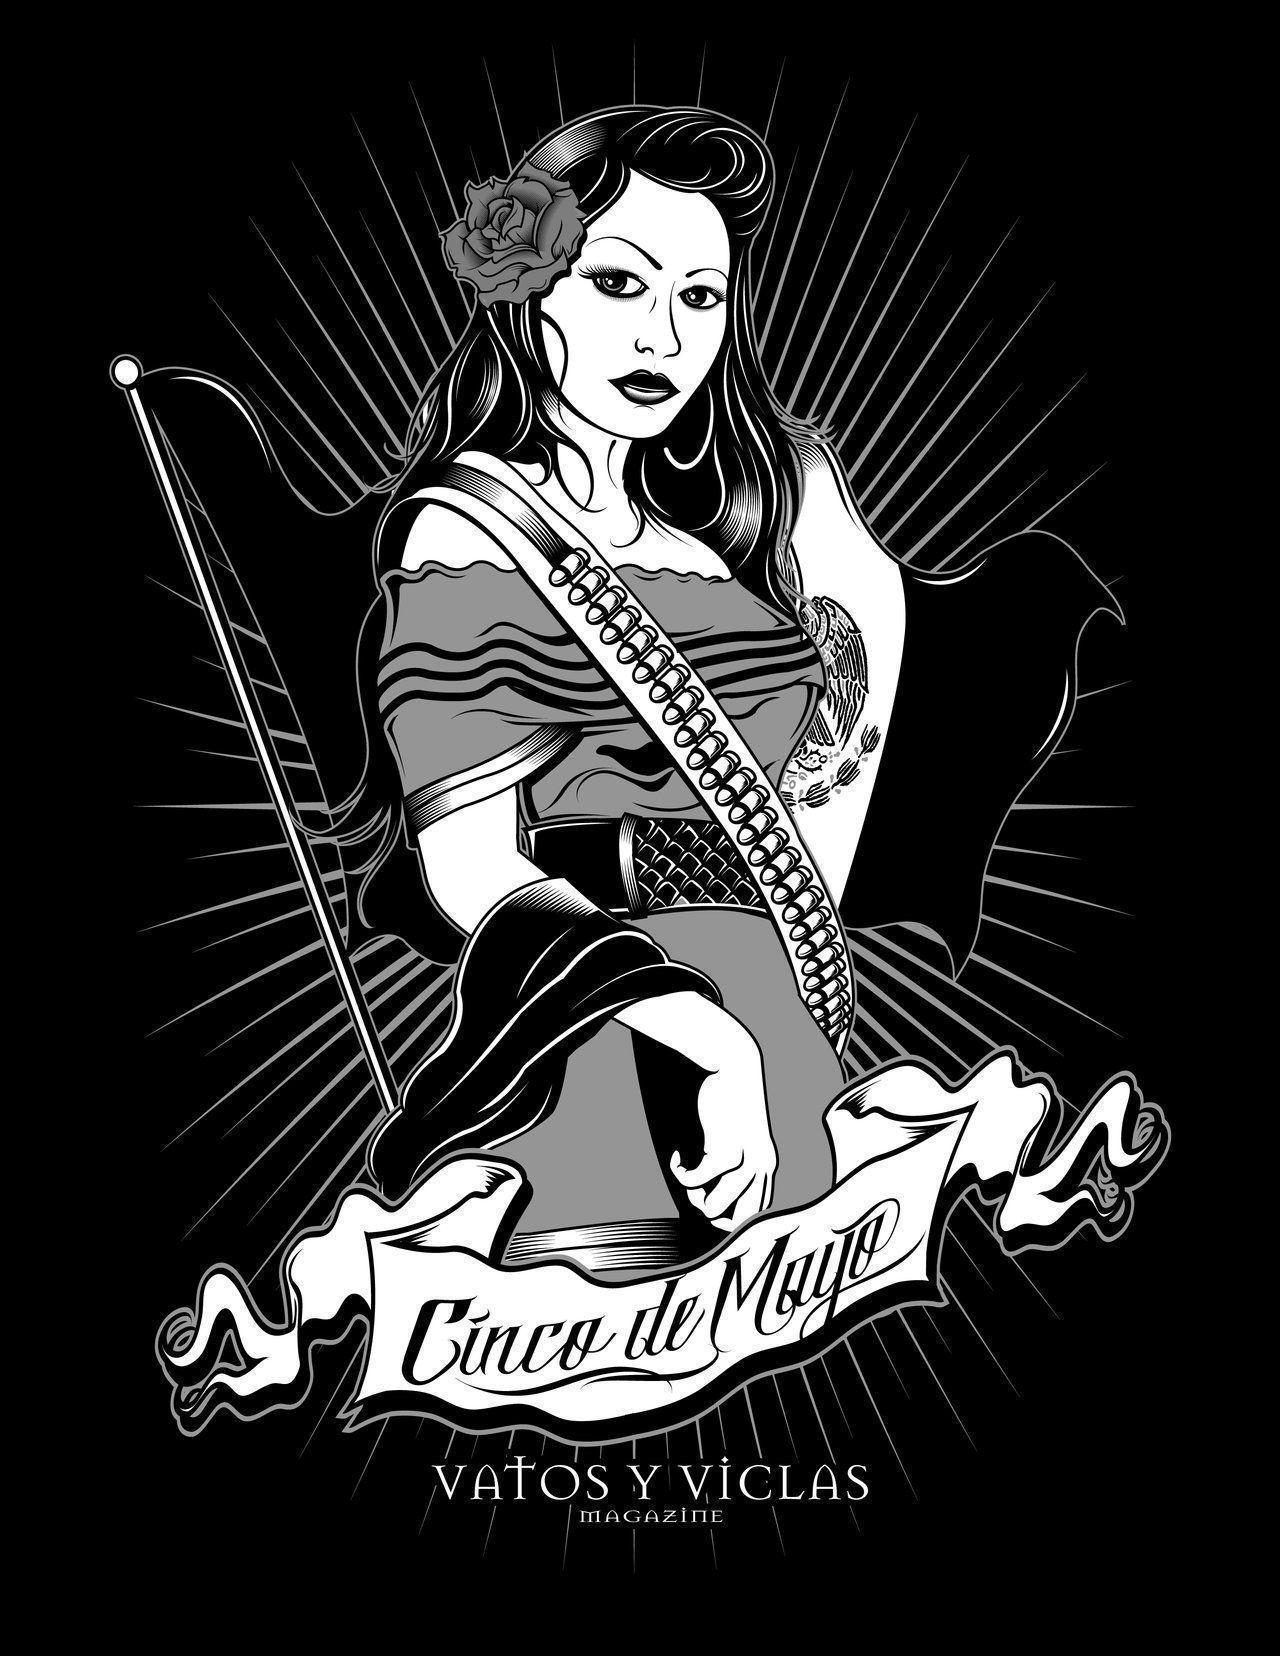 VATOS Y VICLAS: CINCO DE MAYO by elaykidd on DeviantArt